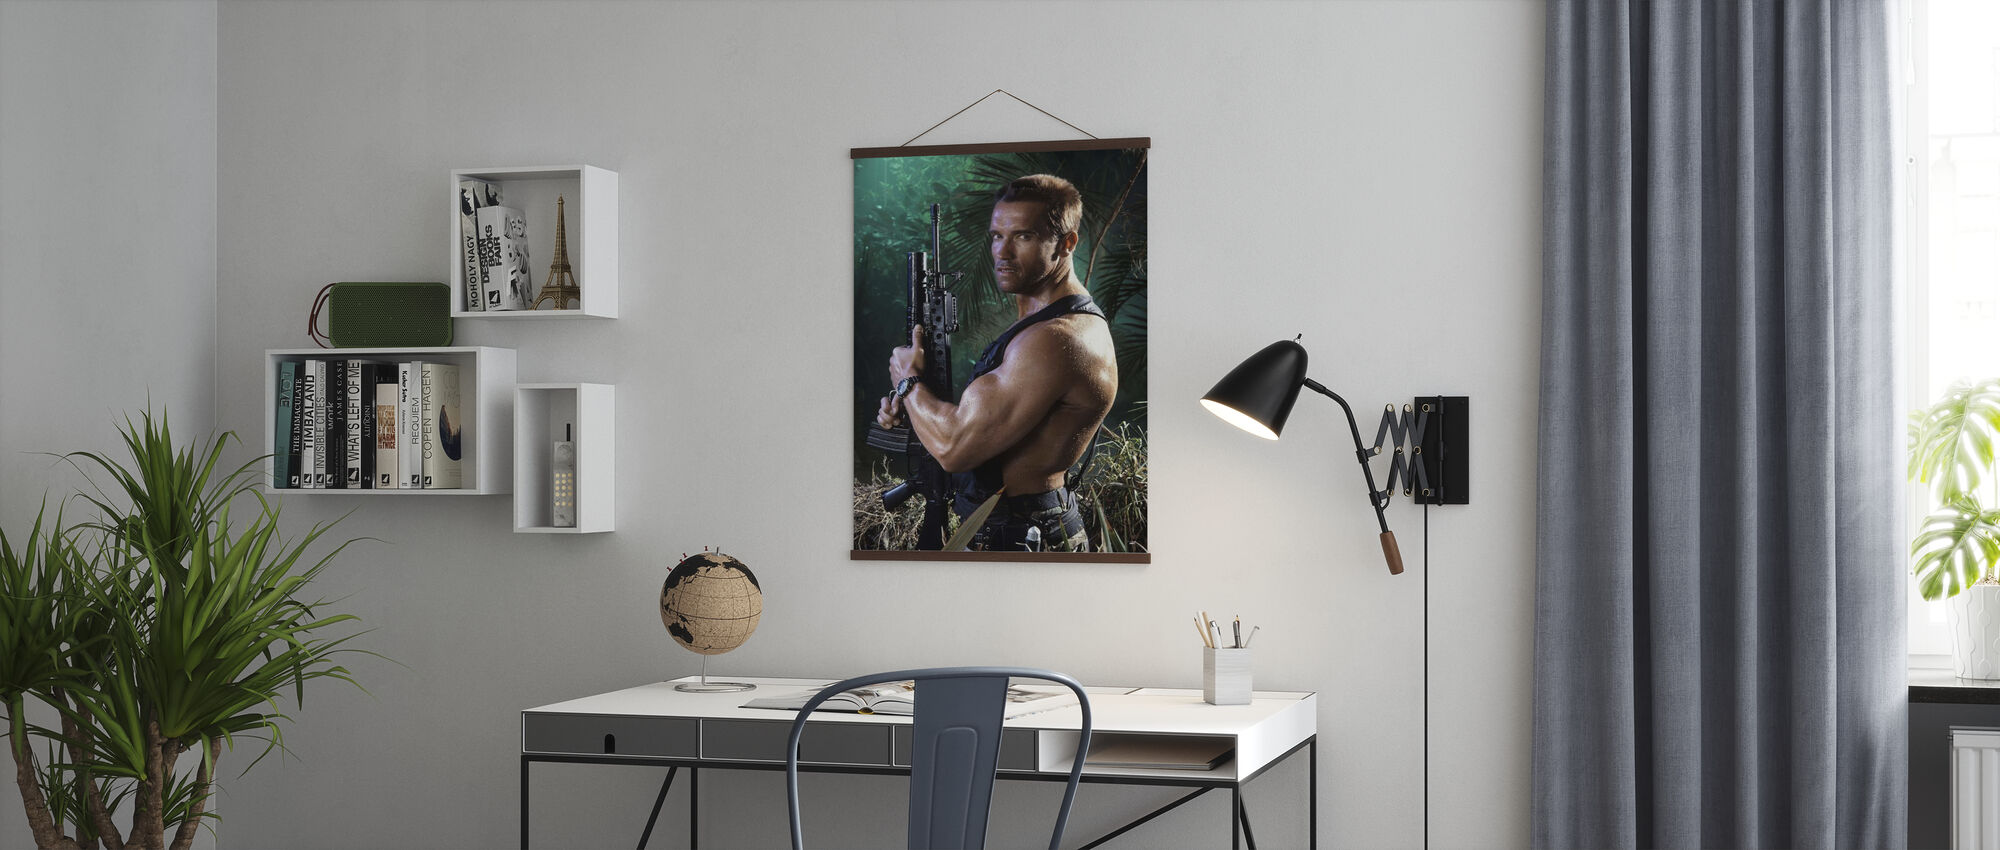 Arnold Schwarzenegger in Predator - Poster - Office